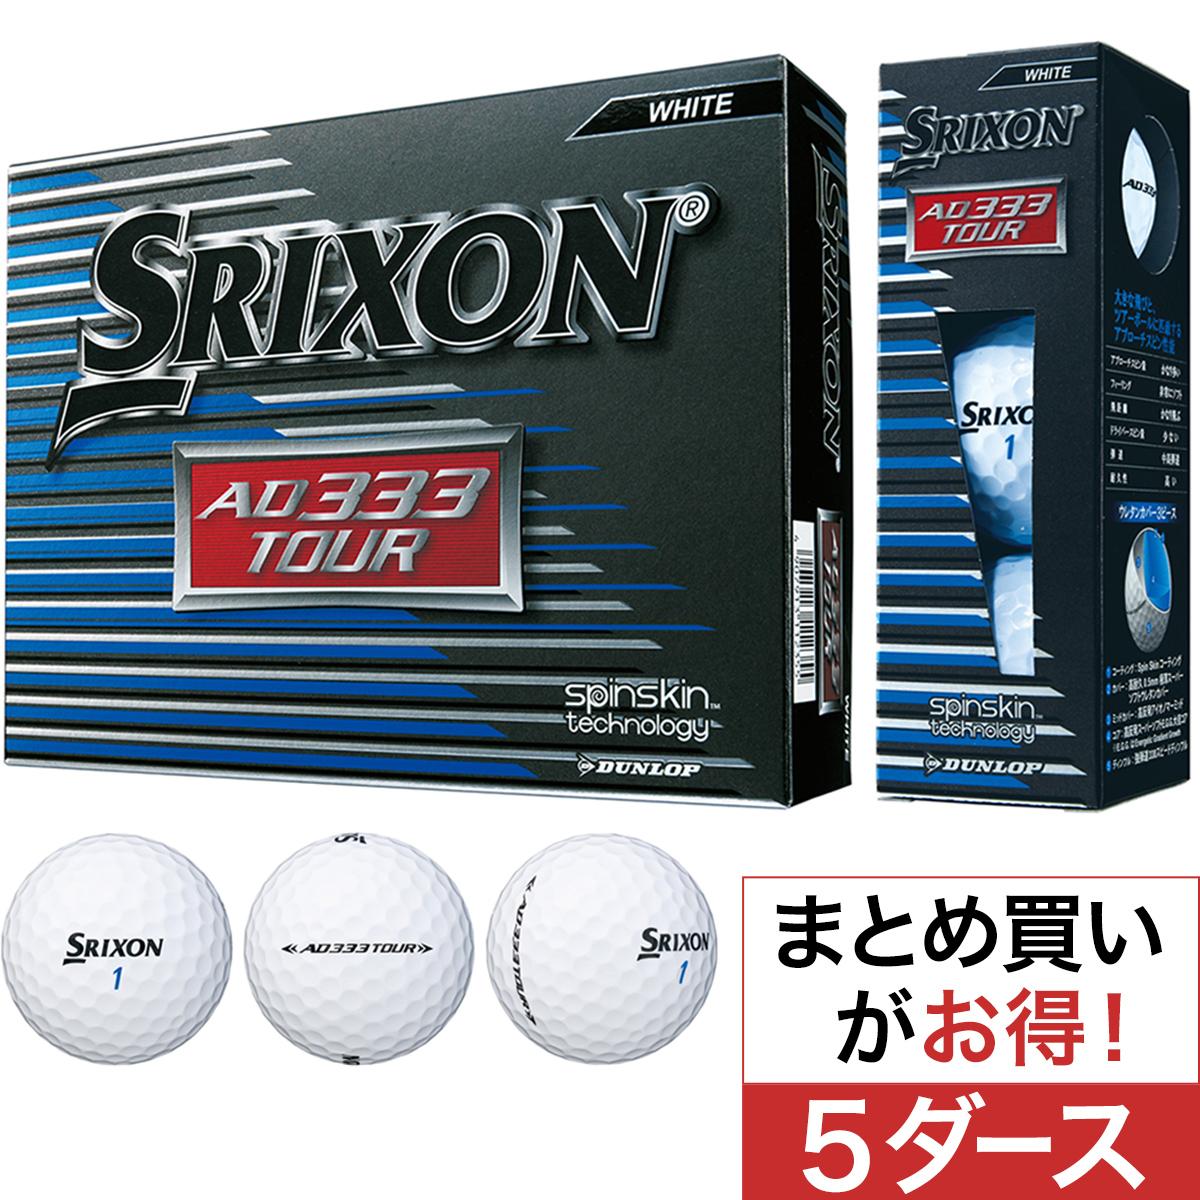 スリクソン AD333 TOUR ボール 5ダースセット